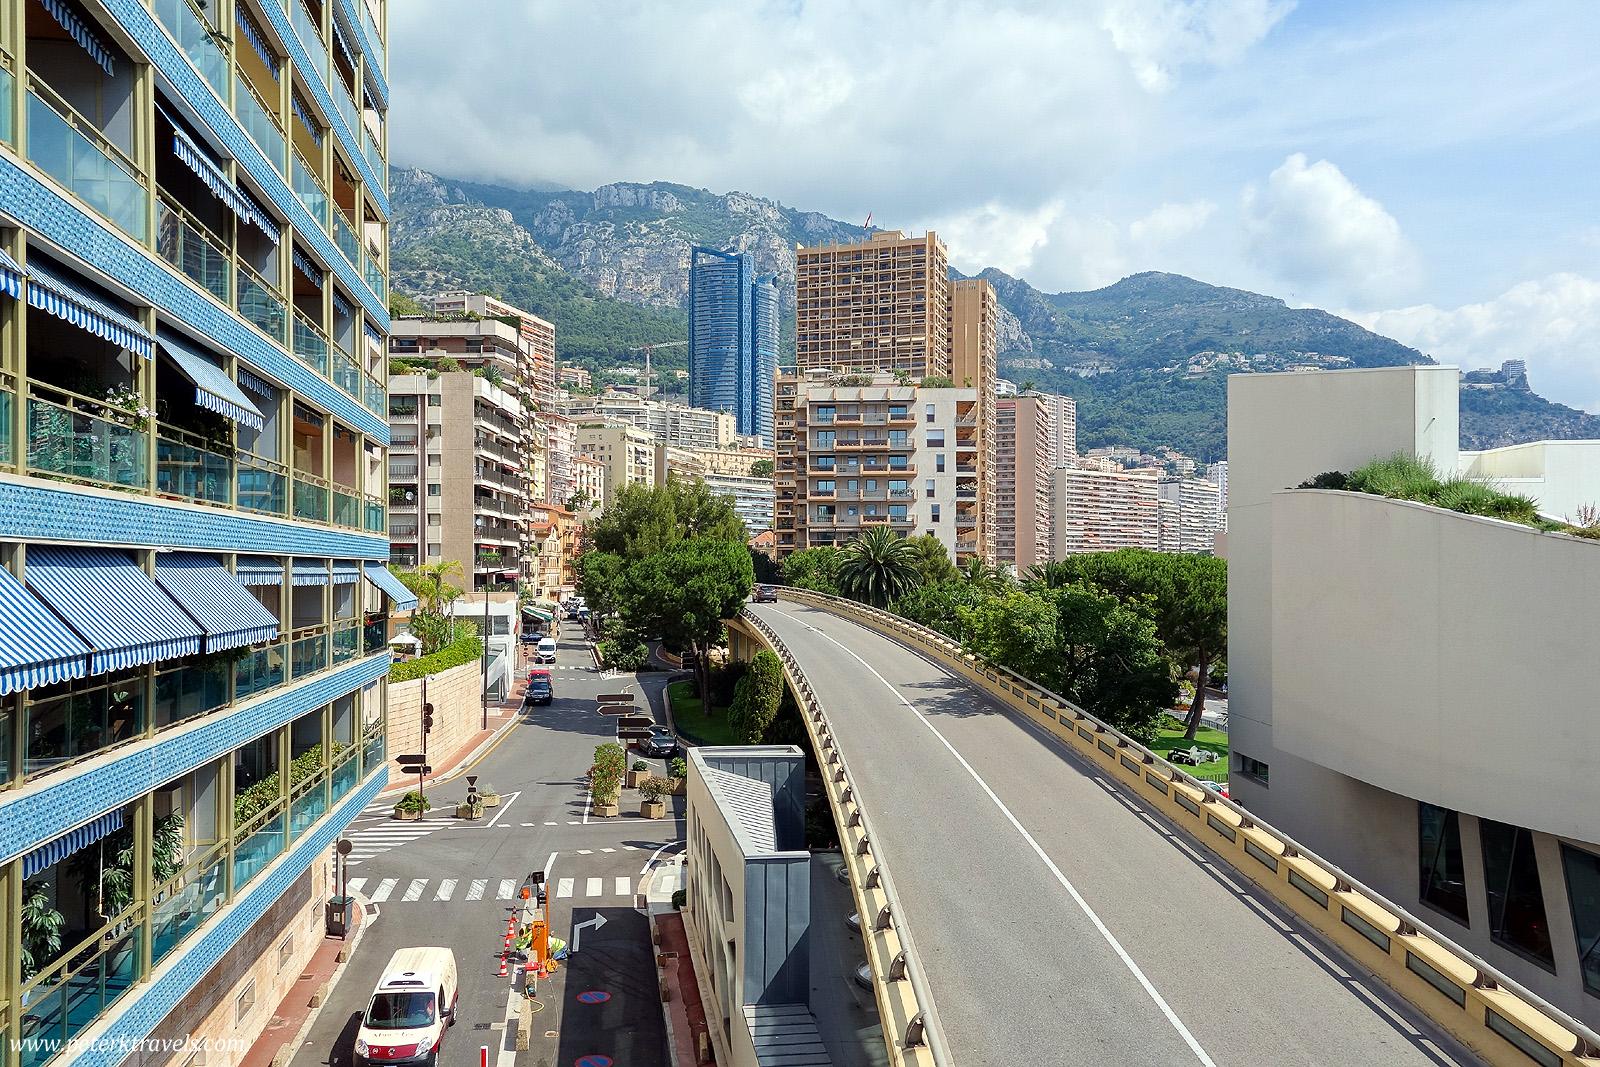 casino monaco street view